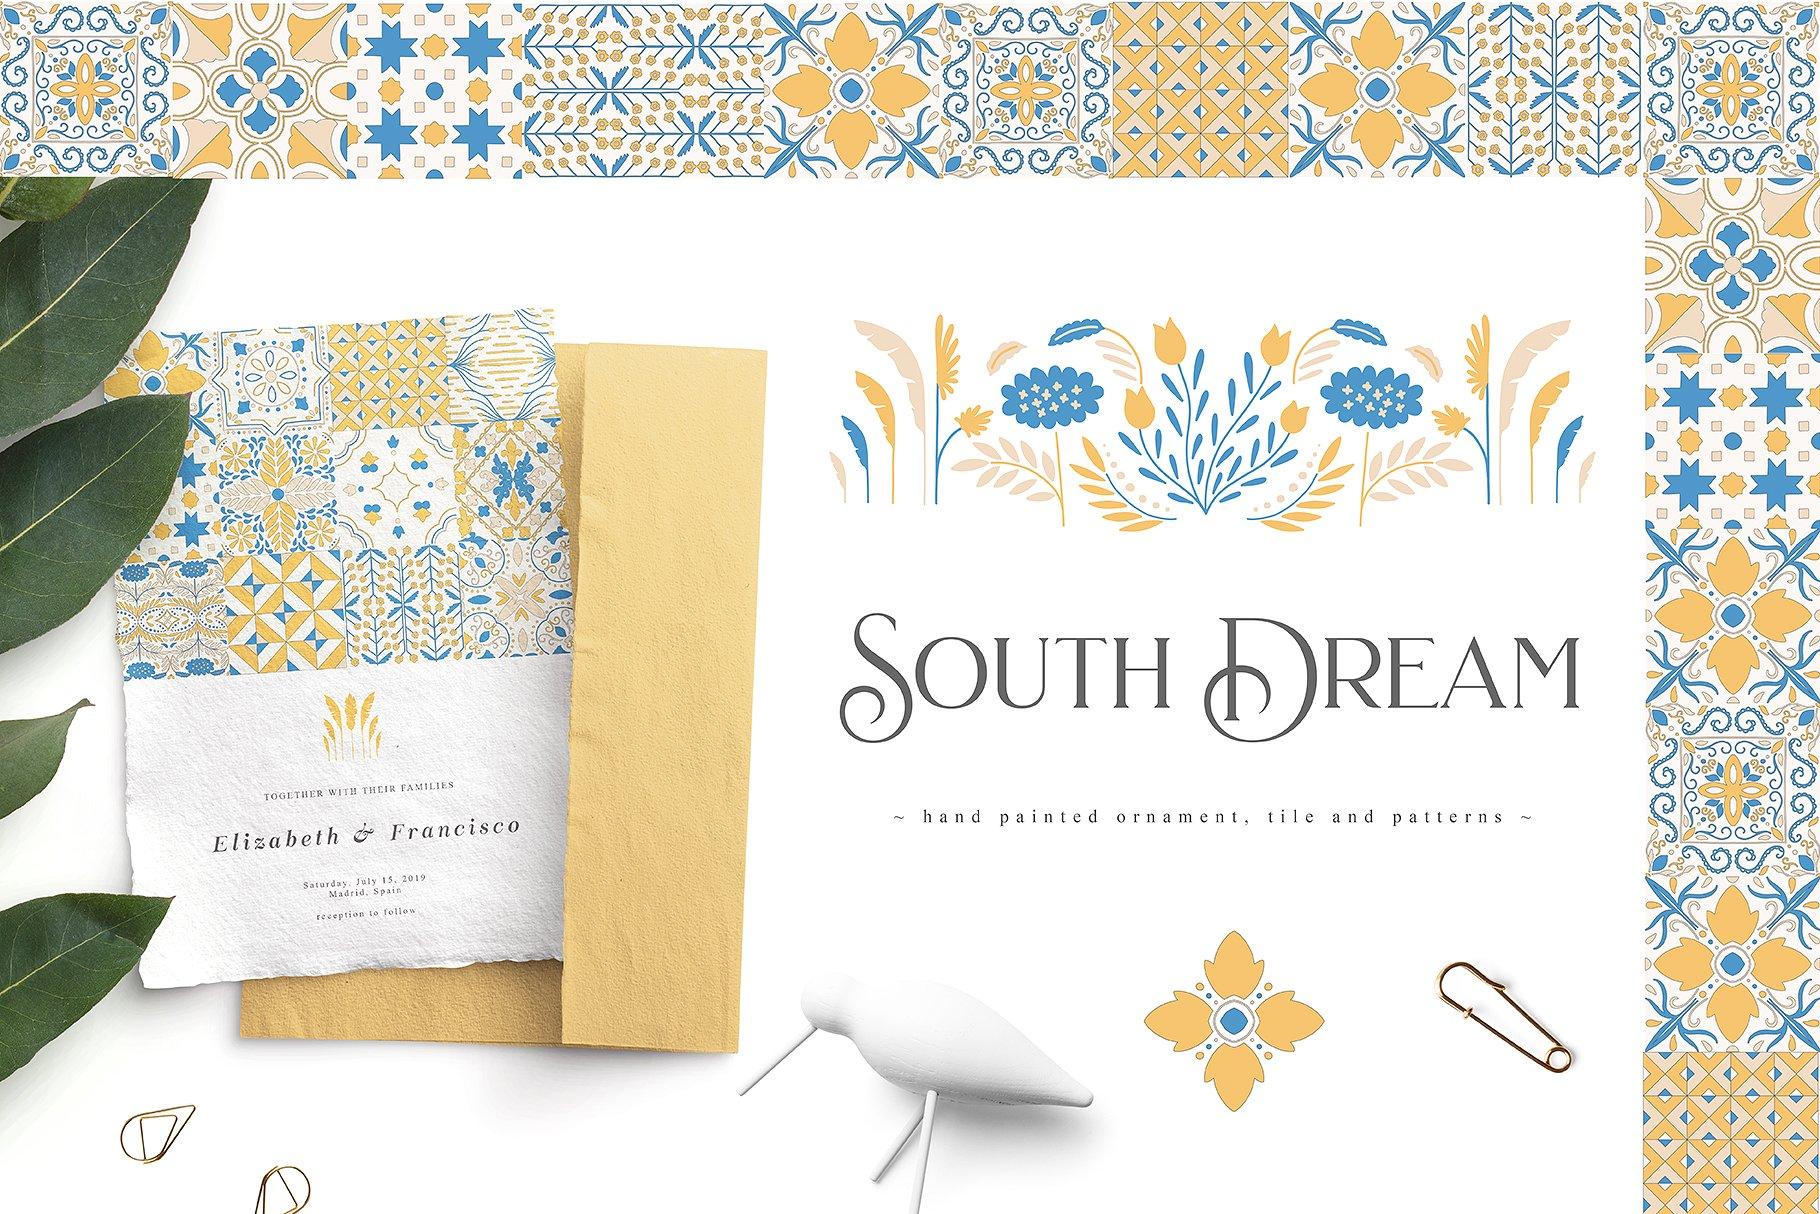 south-dream-main-image7-.jpg